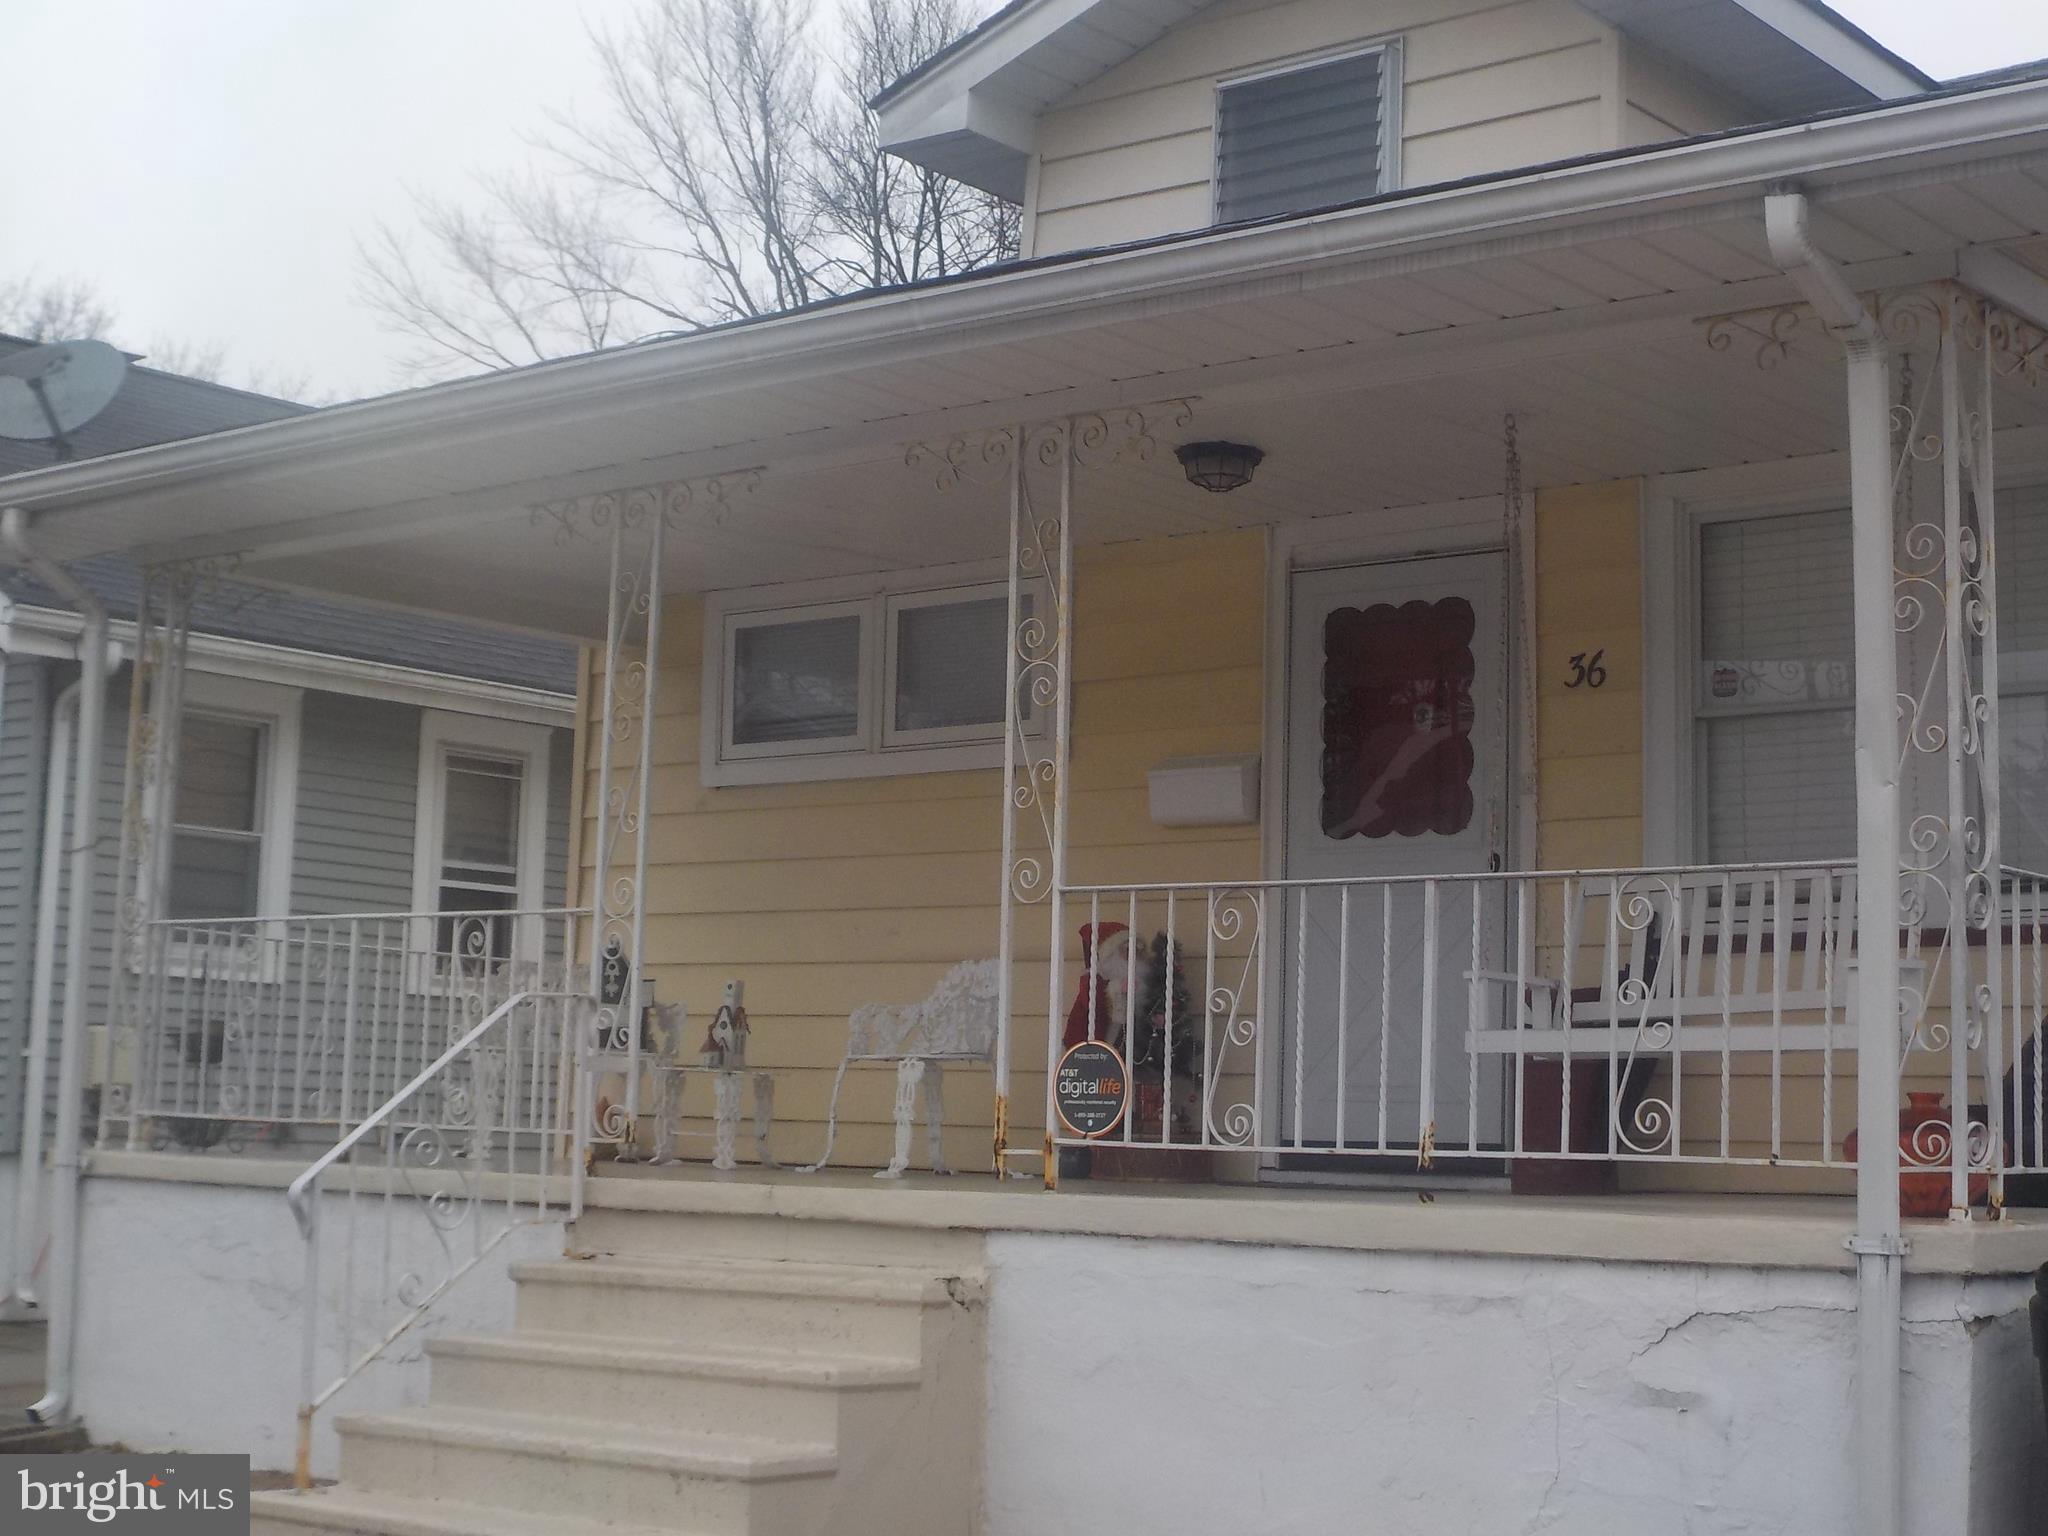 36 CHARLOTTE AVENUE, TRENTON, NJ 08629